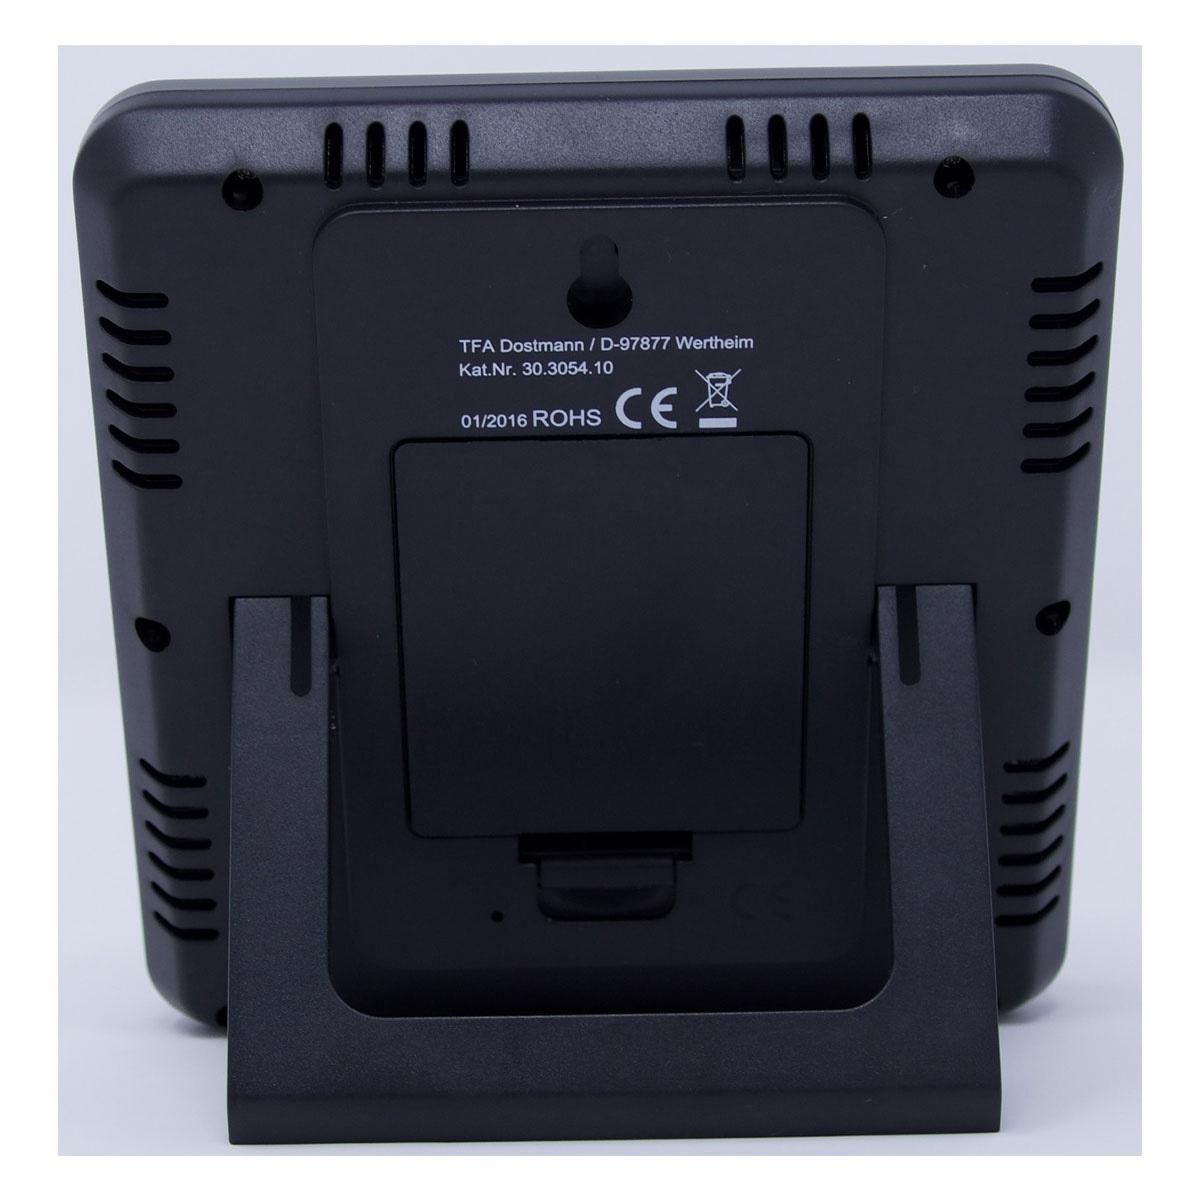 30-3054-10-funk-thermo-hygrometer-mit-3-sendern-klima-monitor-ansicht1-1200x1020px.jpg